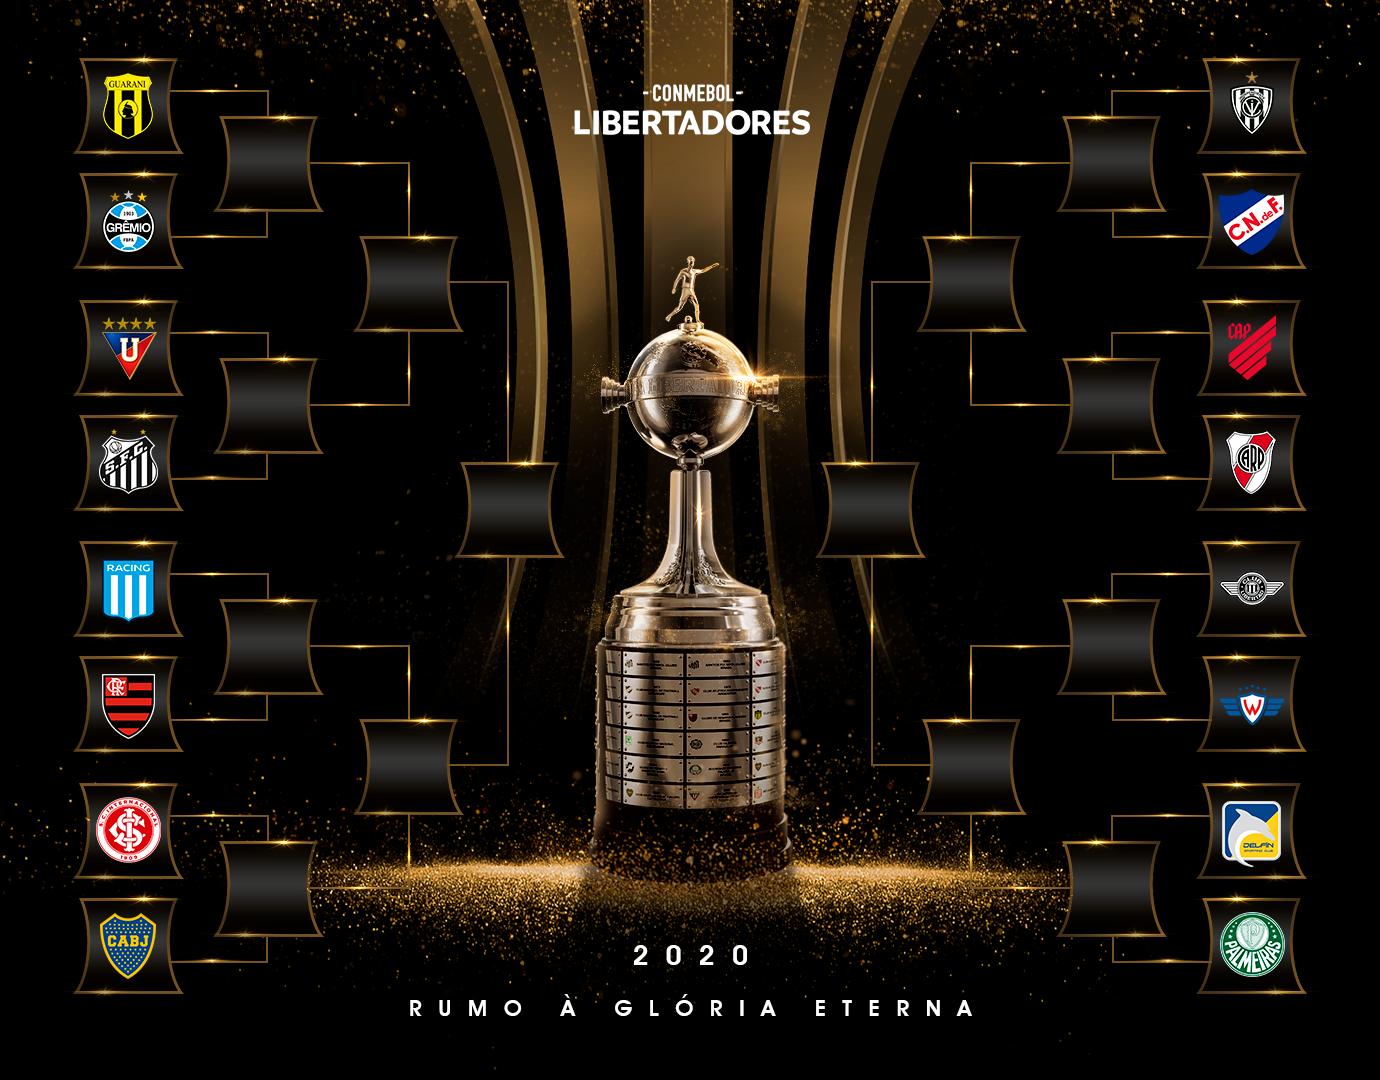 Chaves da Libertadores 2020